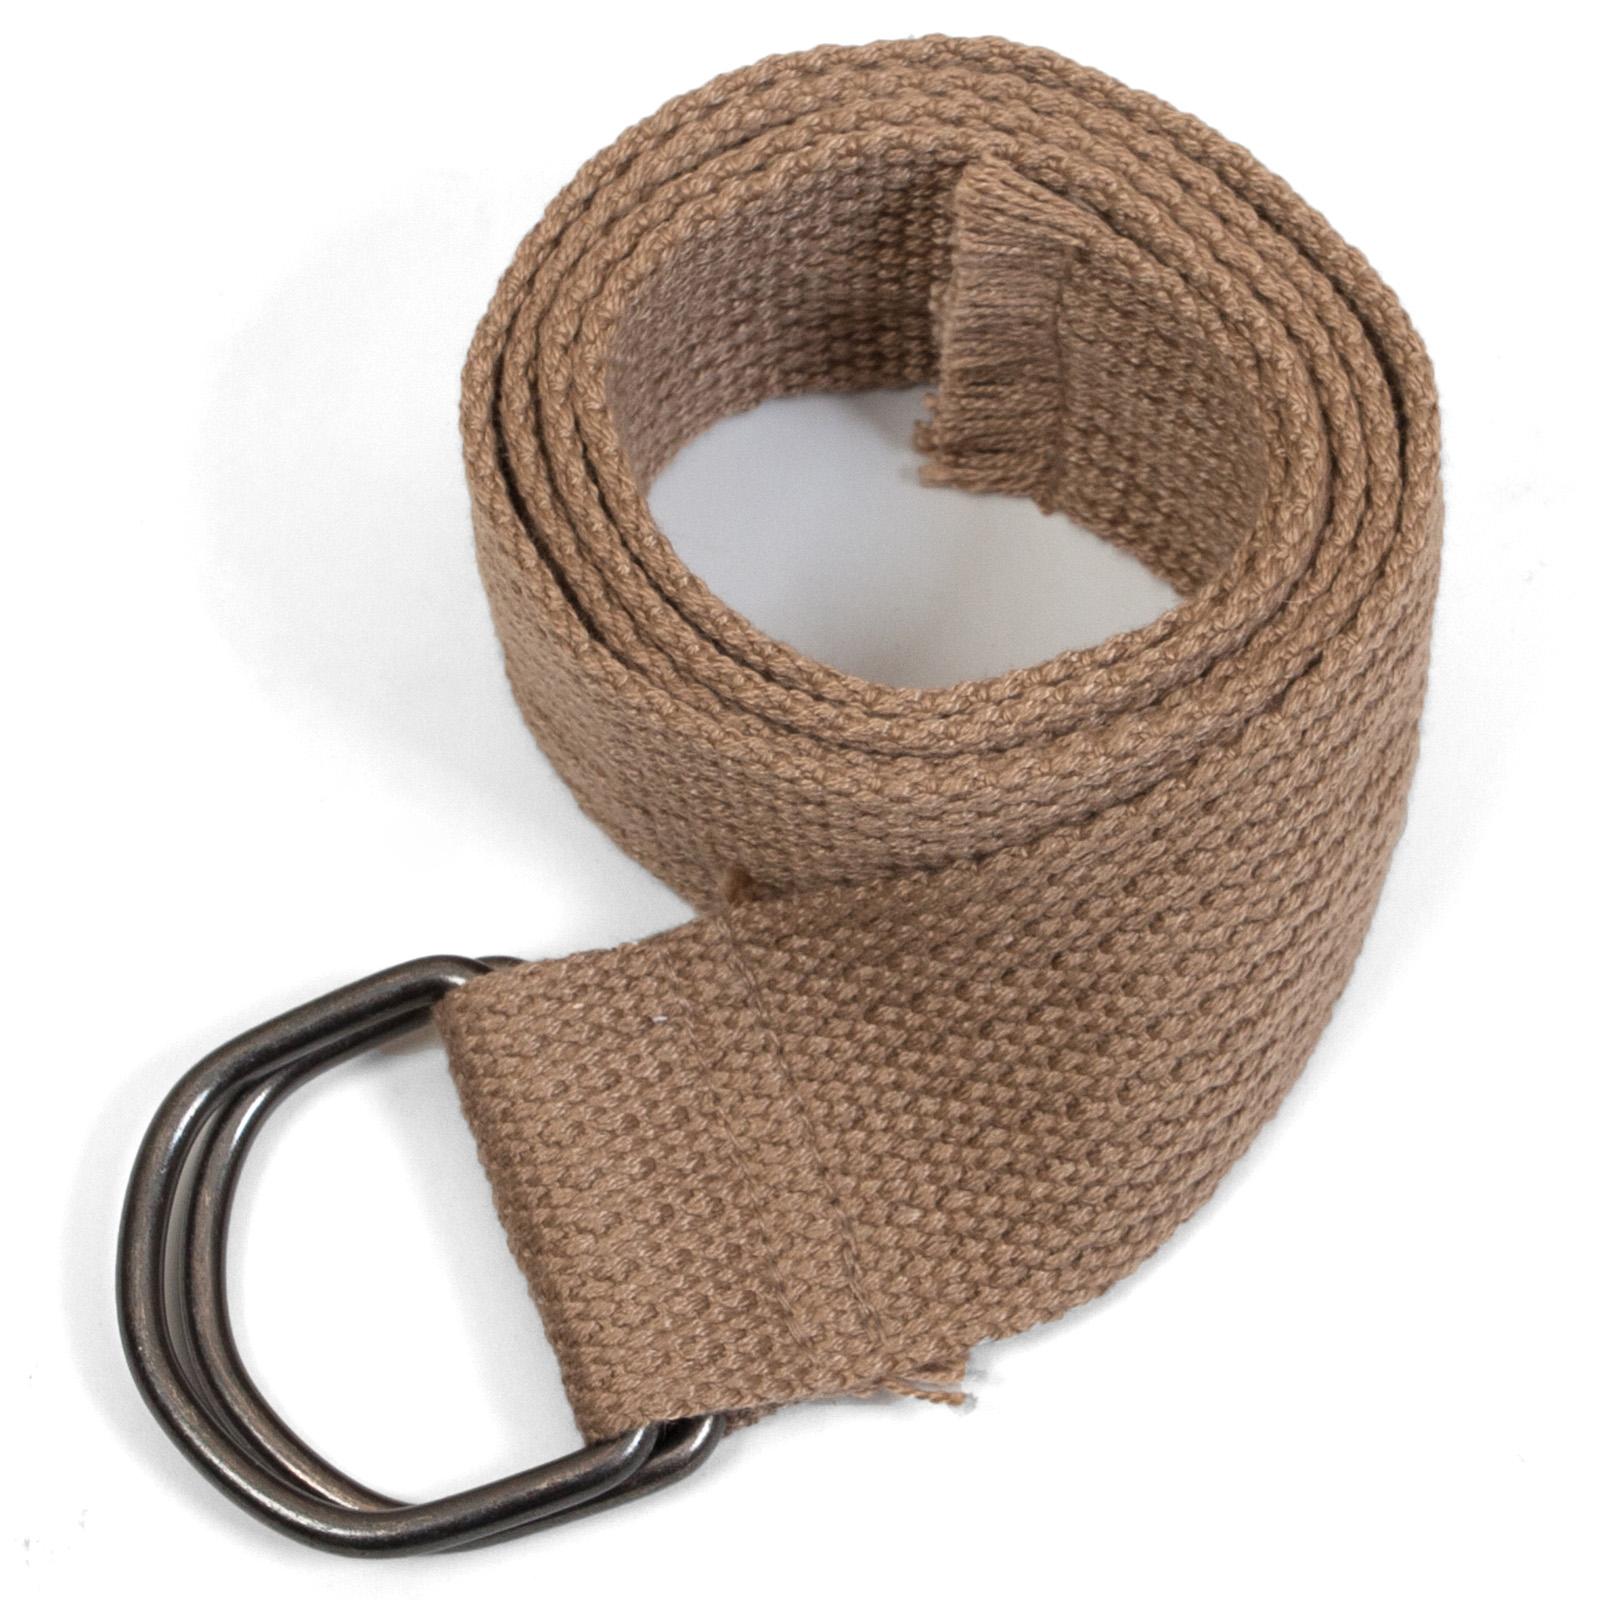 Мужской ремень из текстиля - купить недорого с доставкой